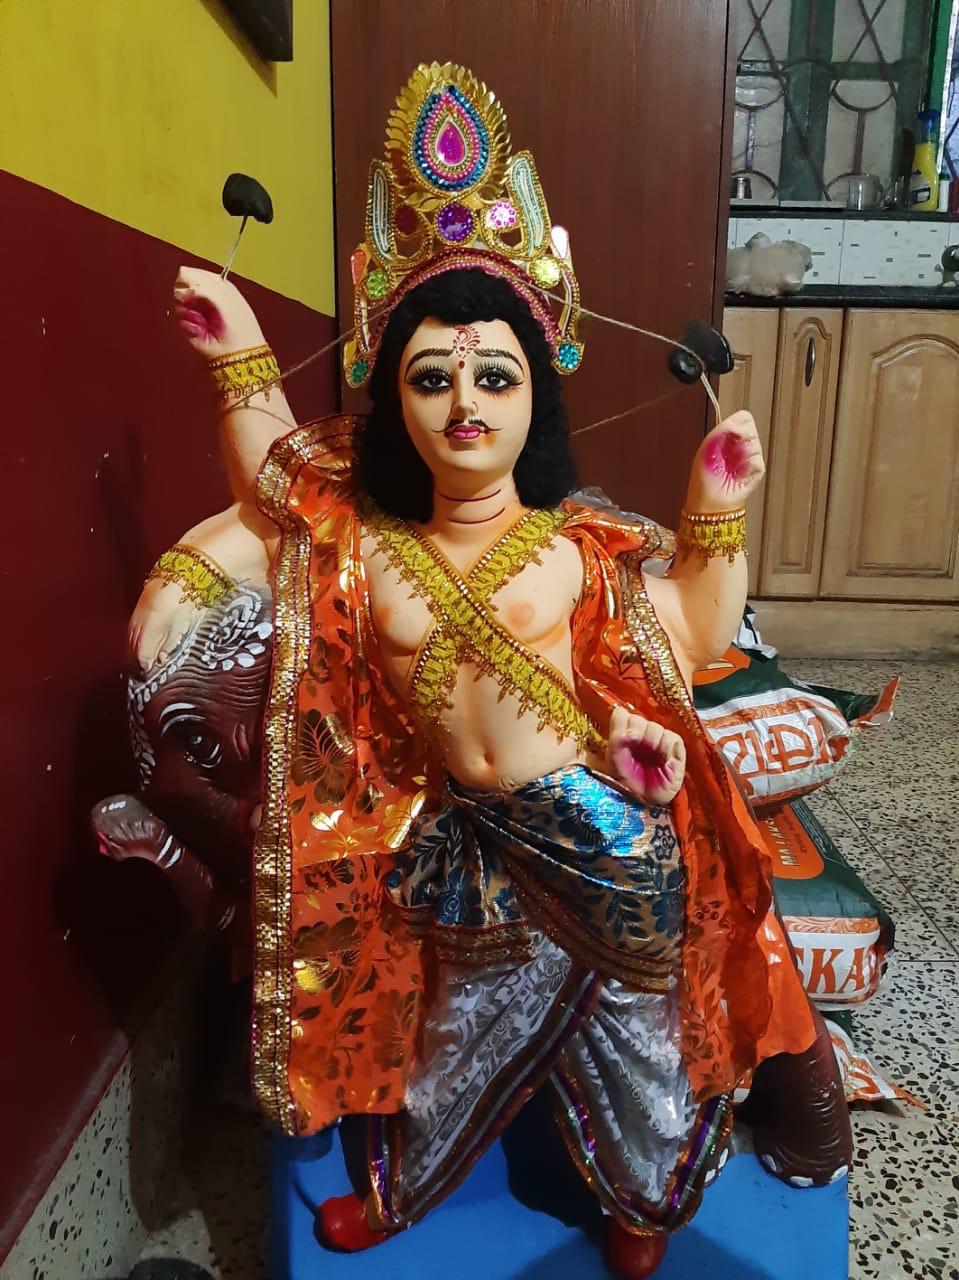 shuktara - 2019 Vishwakarma Puja - the god himself